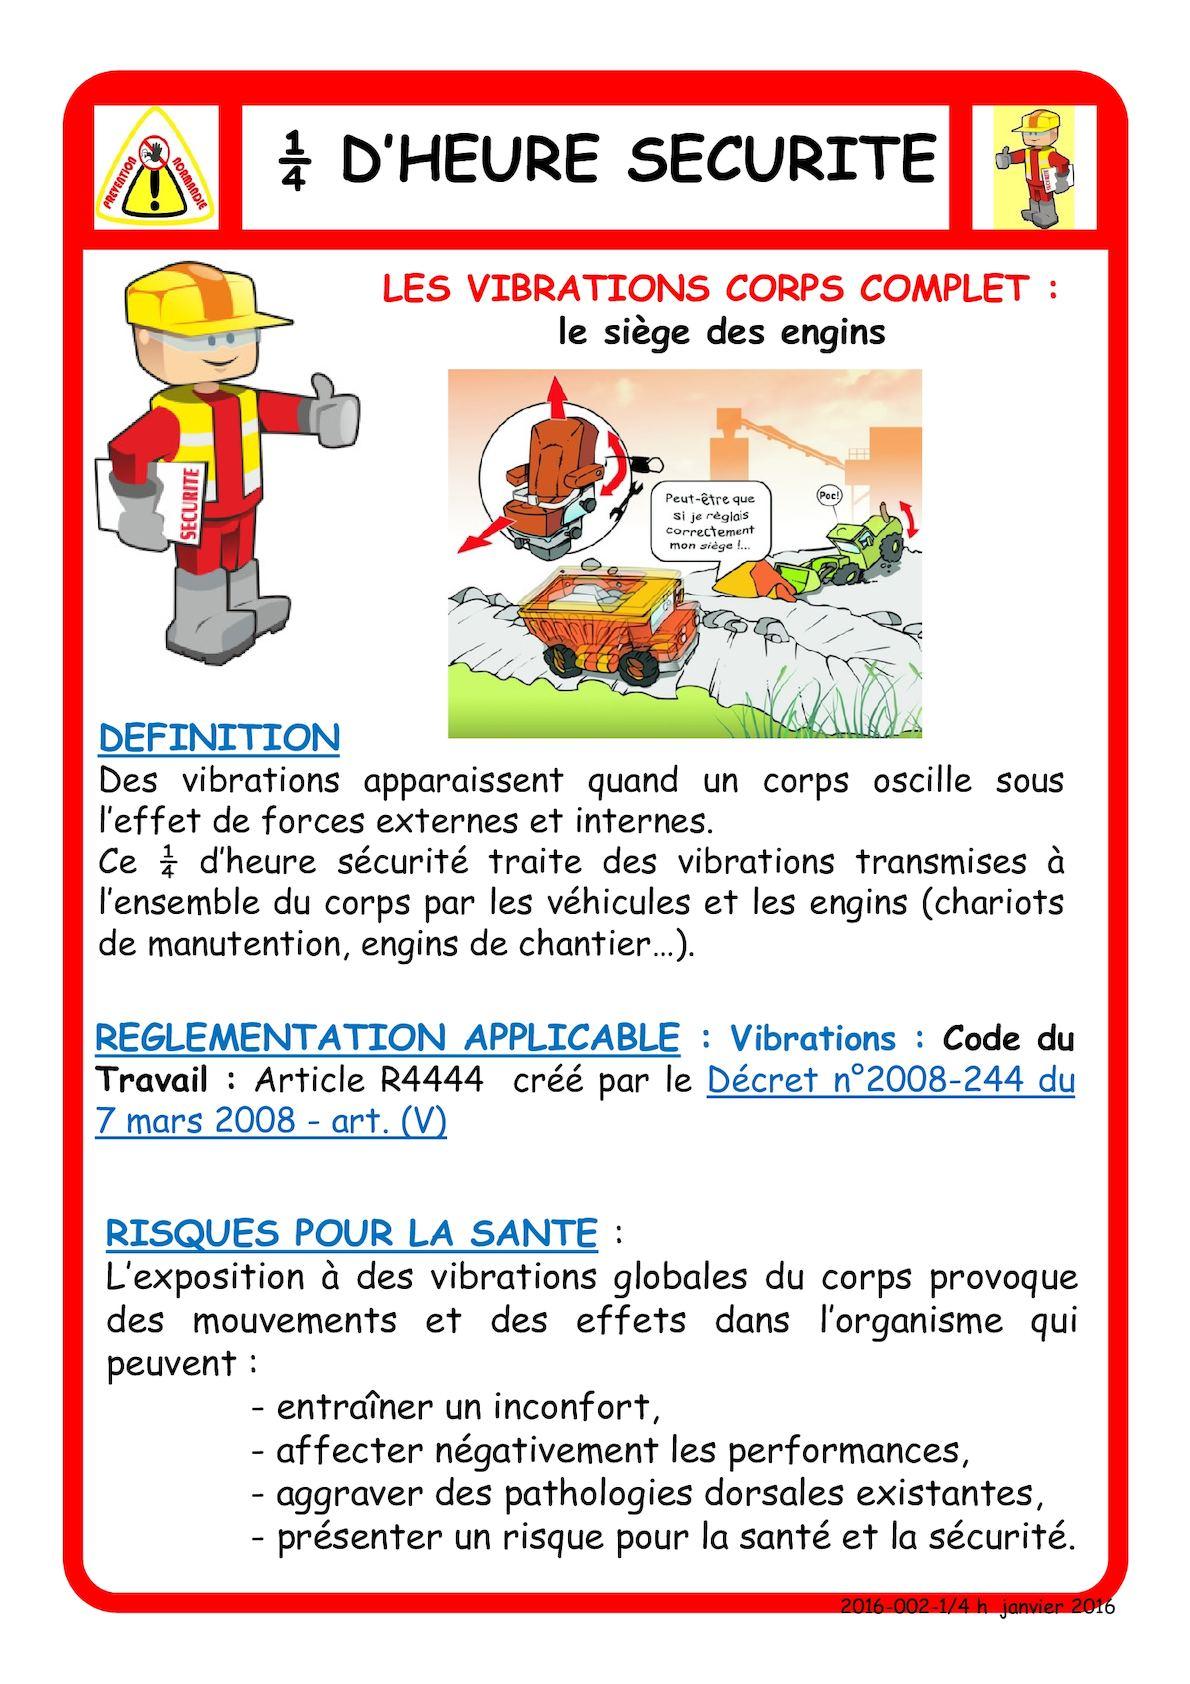 Quart D' Heure Securite Vibrations Le Siege De L Engin